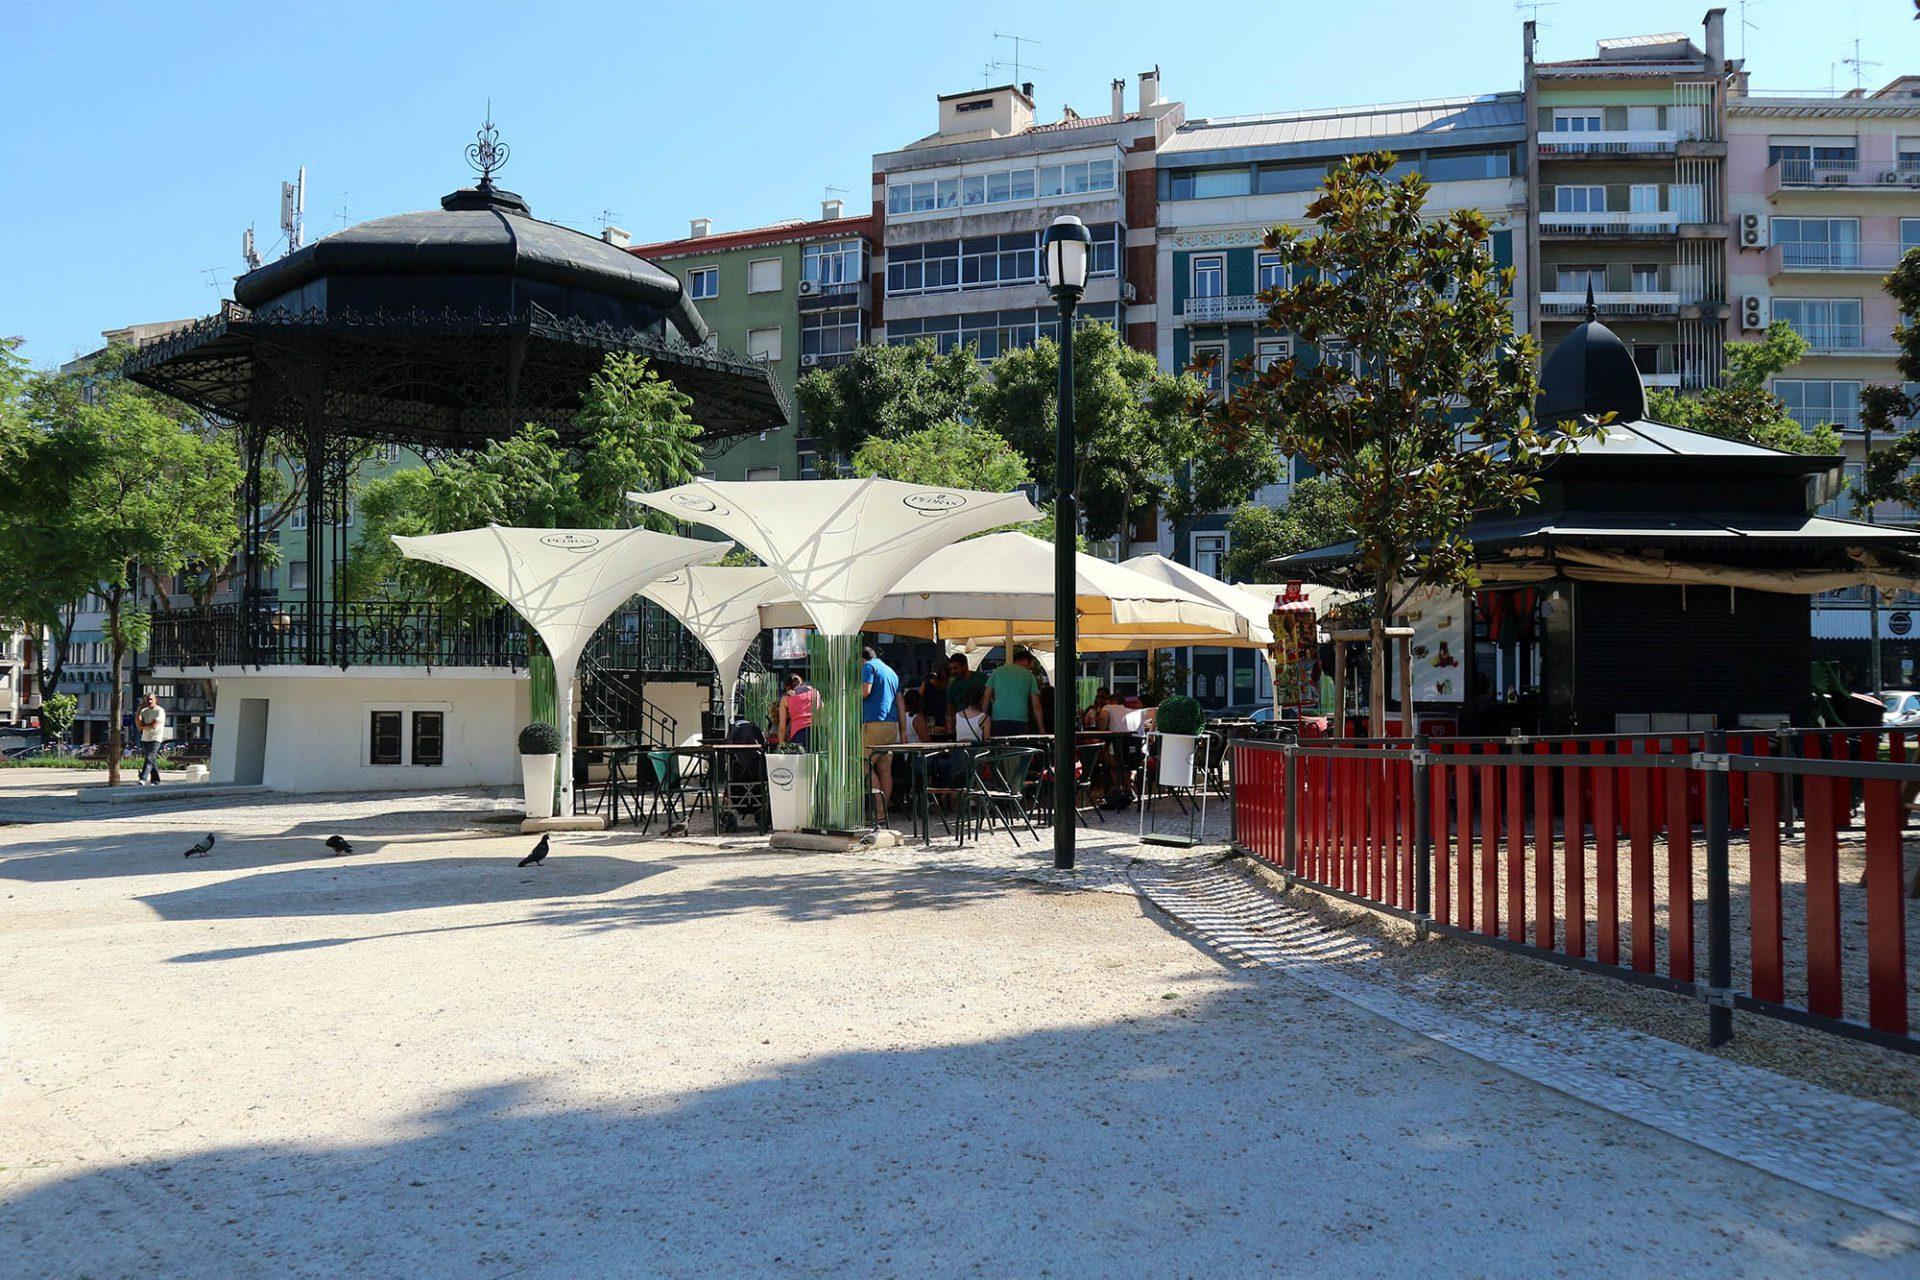 Praça Jose Fontana.  Neben dem Kiosk des charmanten Stadtplatzes unweit des Praça Duque de Saldanha steht auch ein offener Pavillon für verschiedene Veranstaltungen.